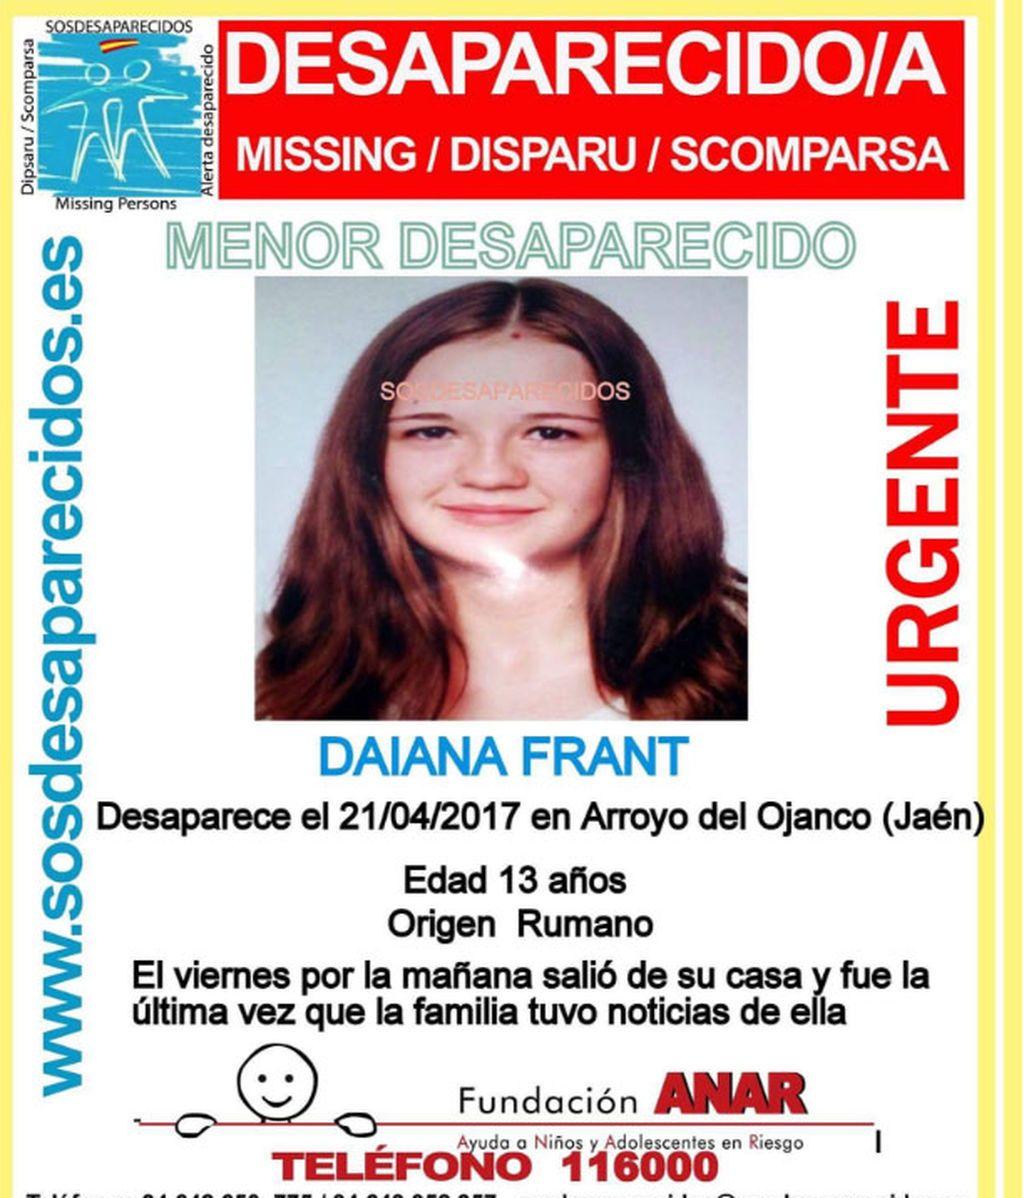 La Guardia Civil investiga la fuga de una niña de 13 años en un pueblo de Jaén